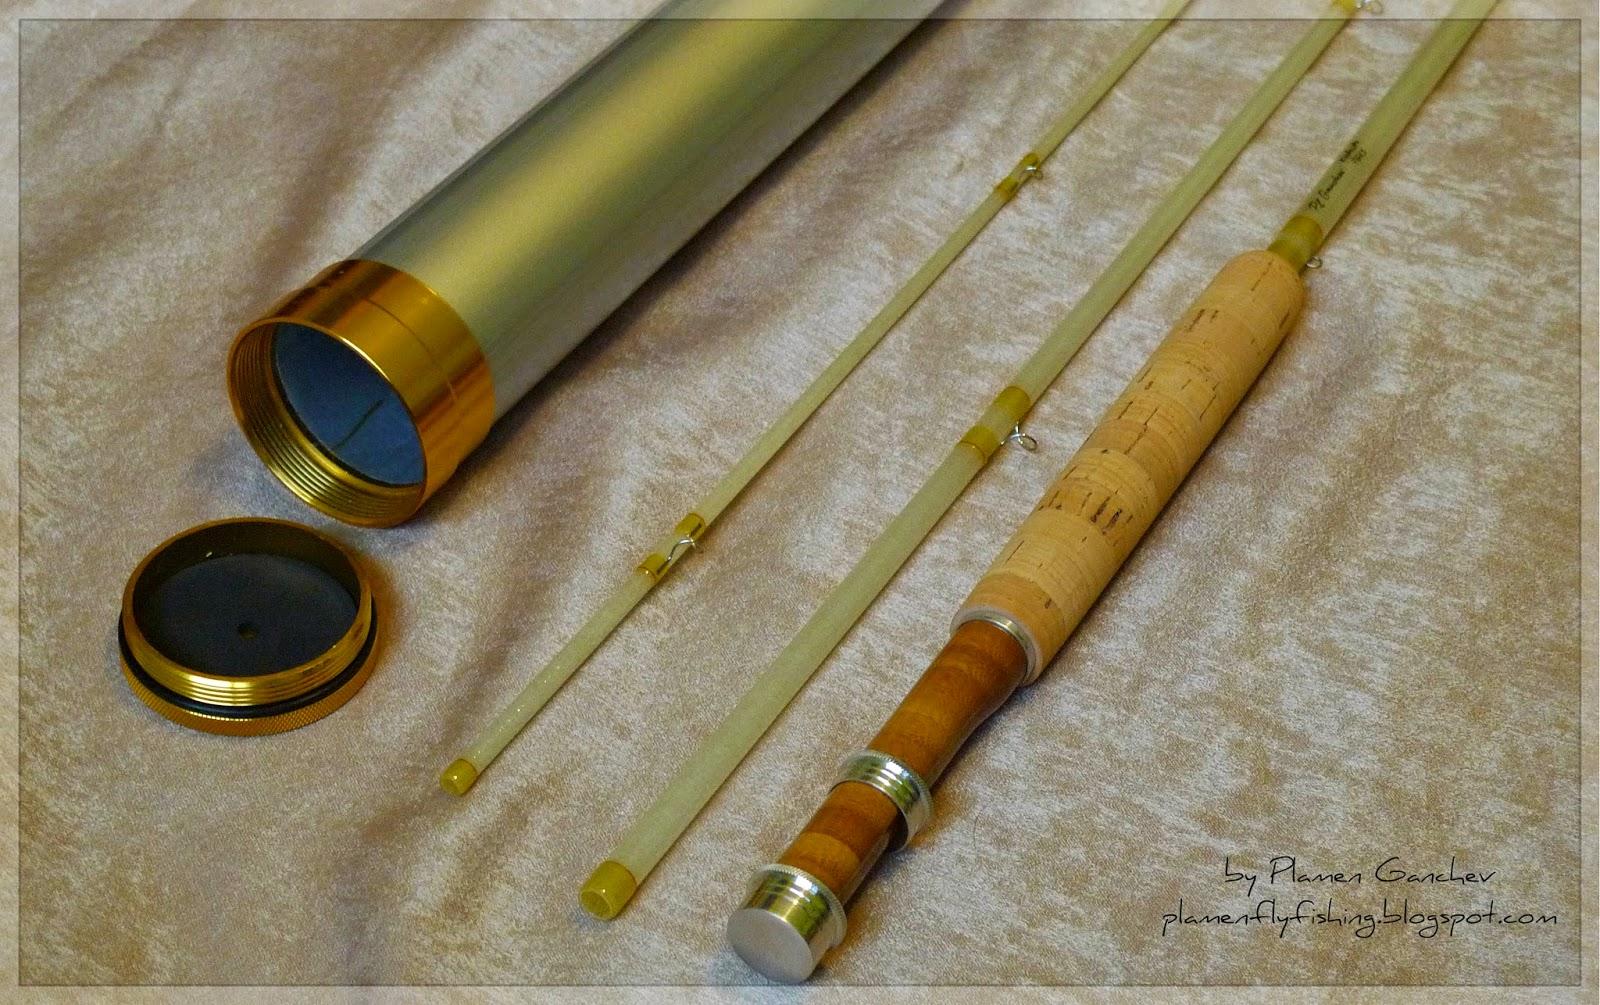 Plamen ganchev fly rods kabuto fiberglass 7ft 6in 4wt for Fishing rod blanks